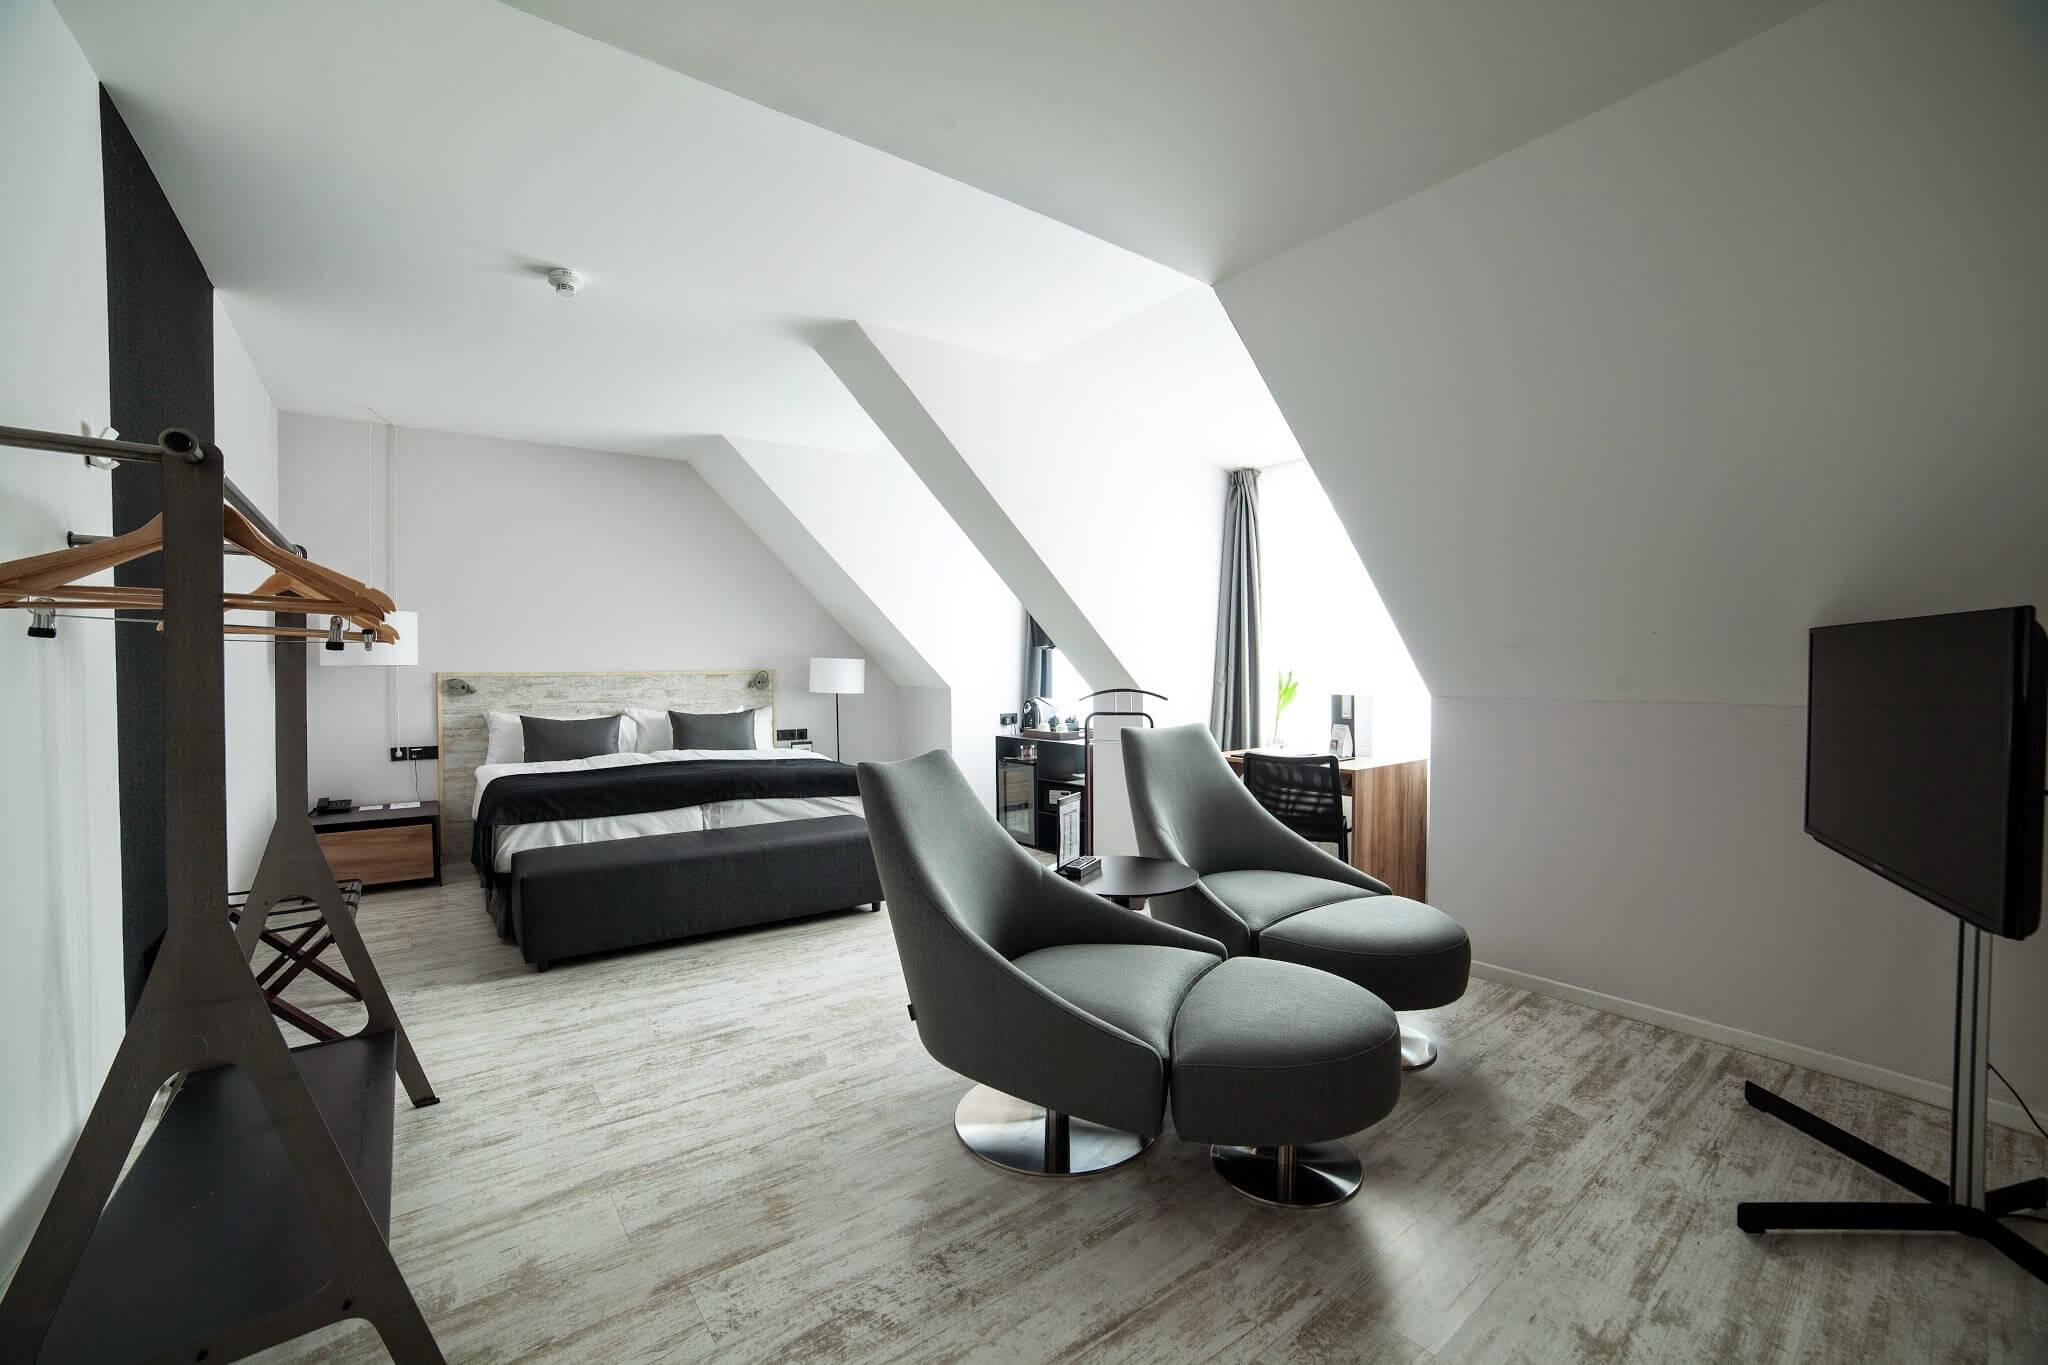 Hotel berlin graphic design - Comunicación para el nuevo Hotel Berlin Mitte